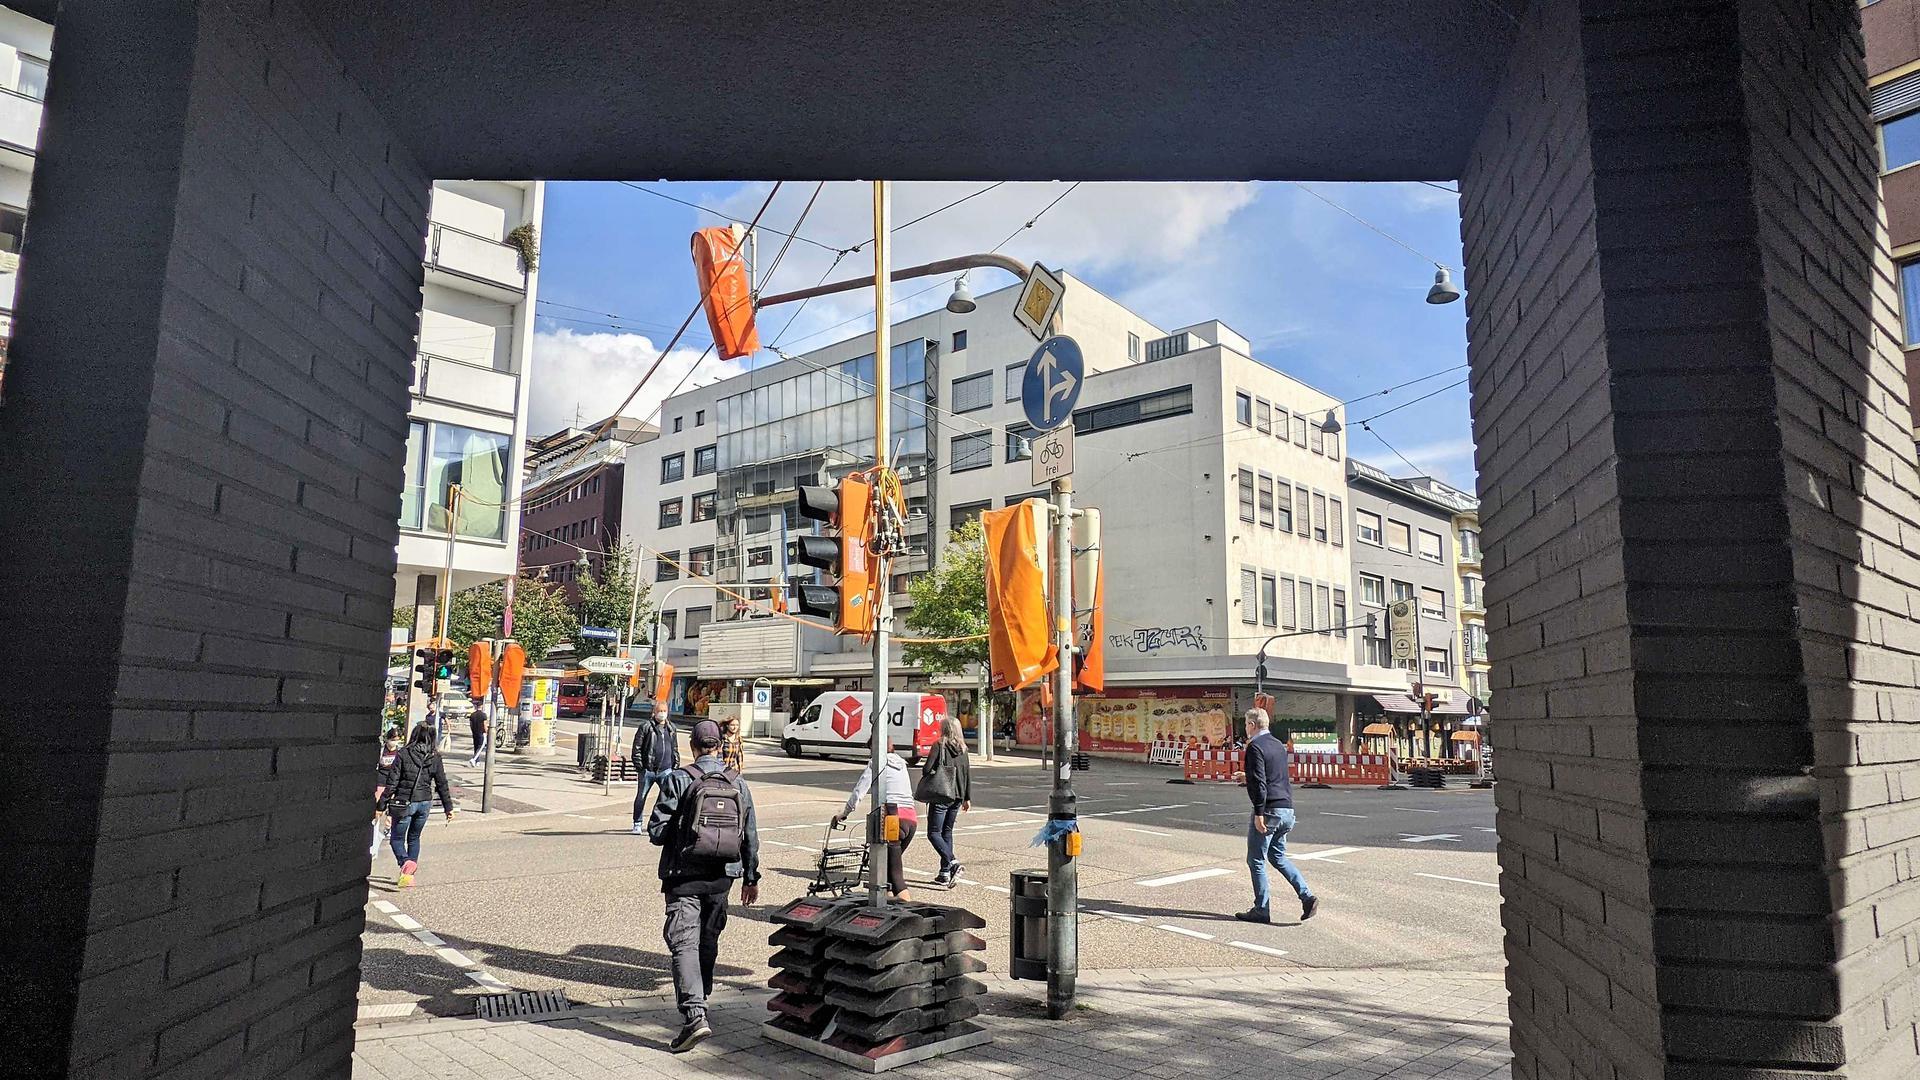 """Straßnekreuzung, Menschen, Autos, urbane Gebäude: Das ehemalige Sinn-Leffers-Kaufhaus in der Pforzheimer Innenstadt ist laut CDU-Fraktion """"zu wichtig, um es unkontrolliert dem Markt zu überlassen""""."""